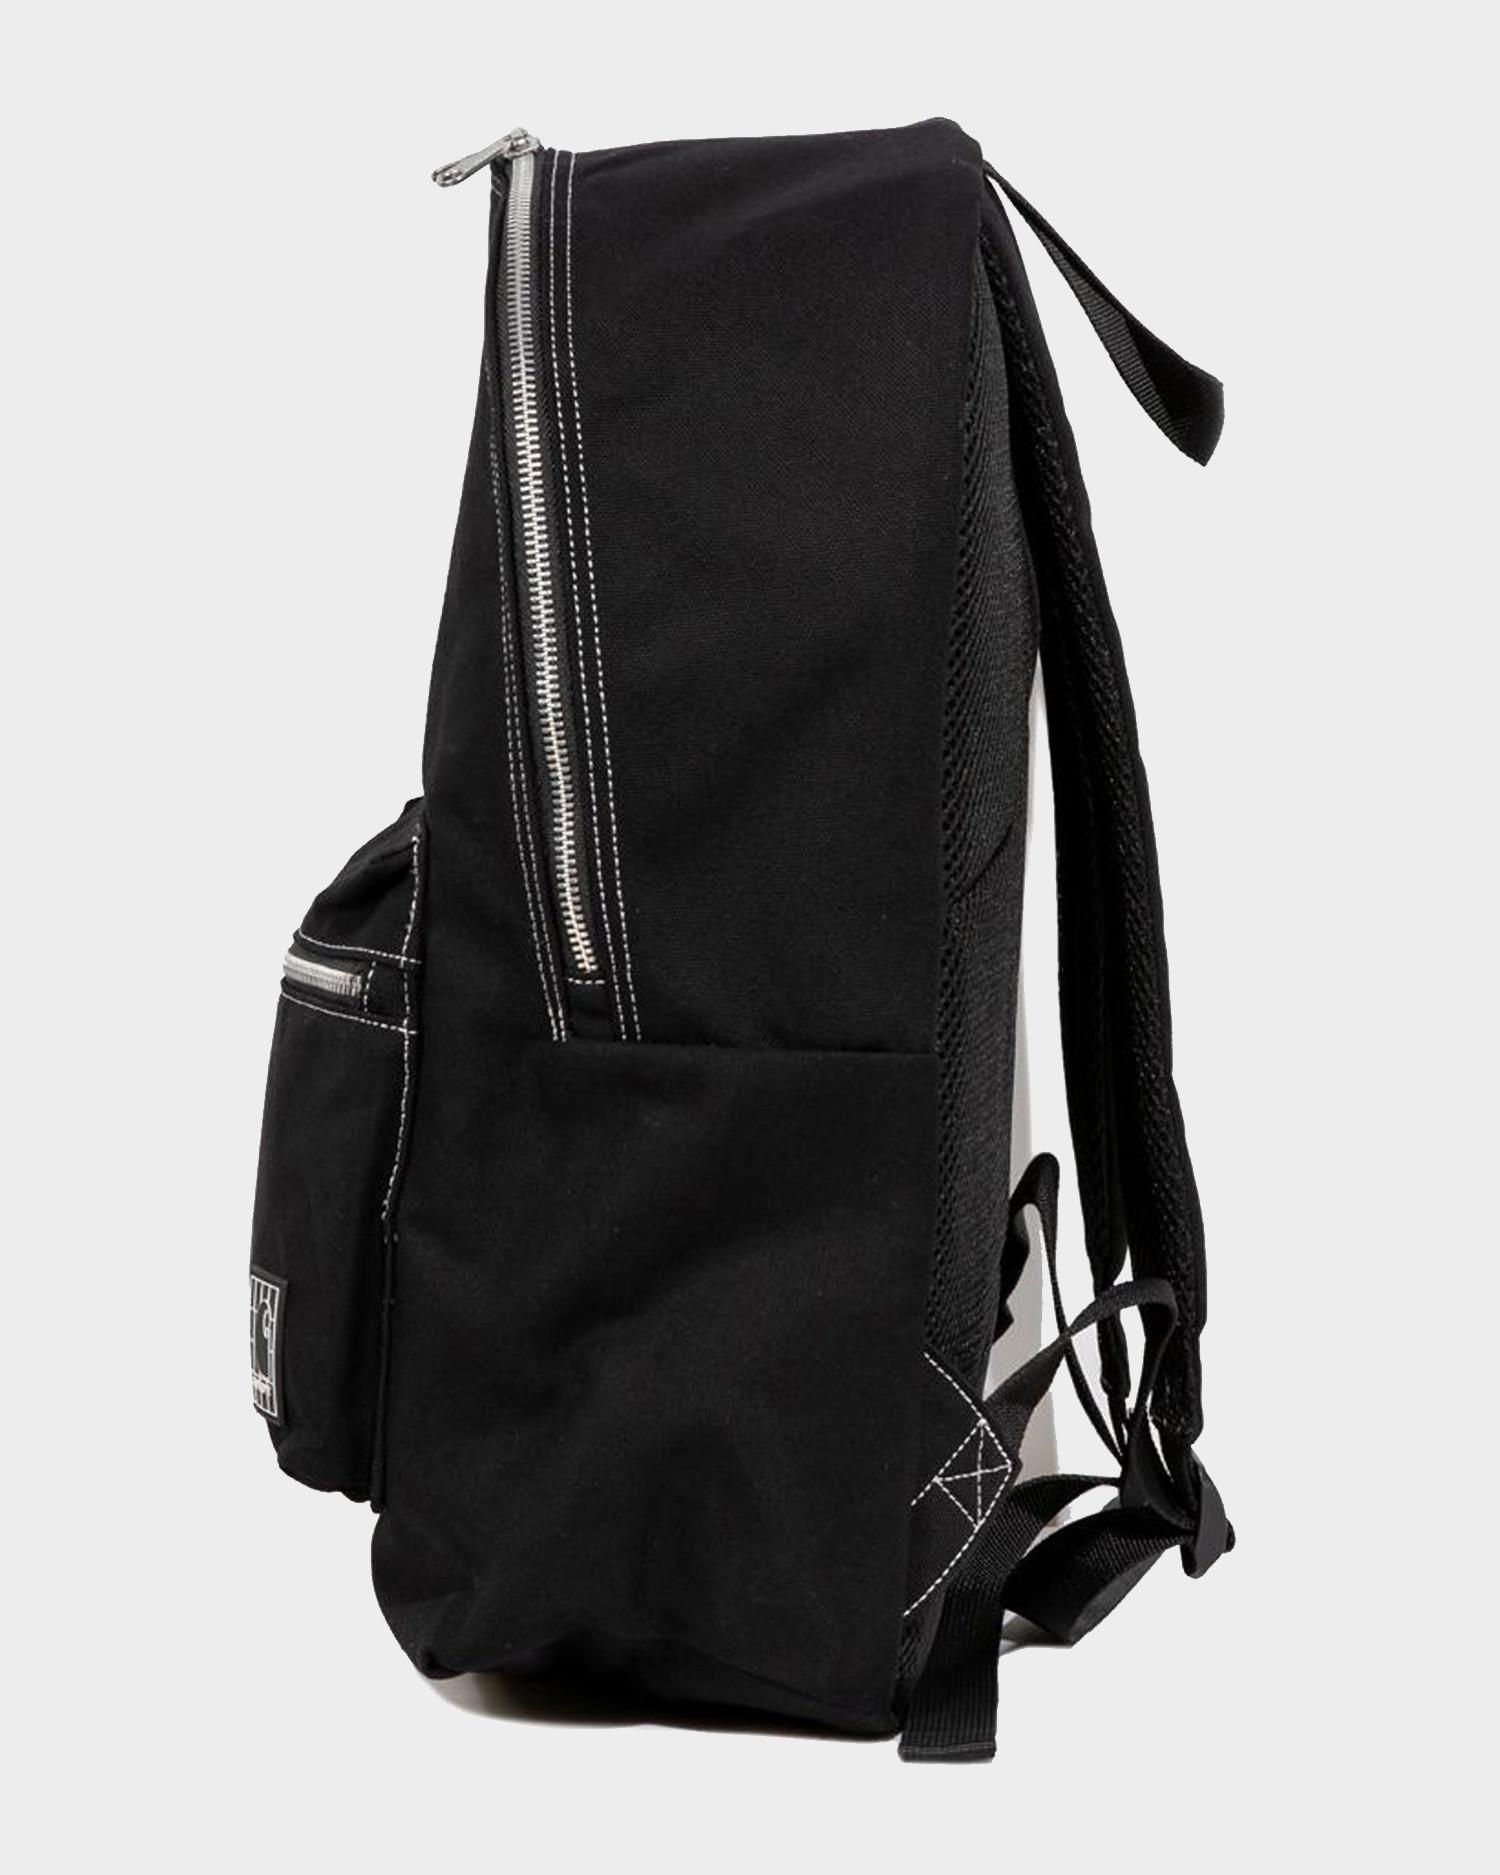 Carhartt Stantford Backpack Black/White